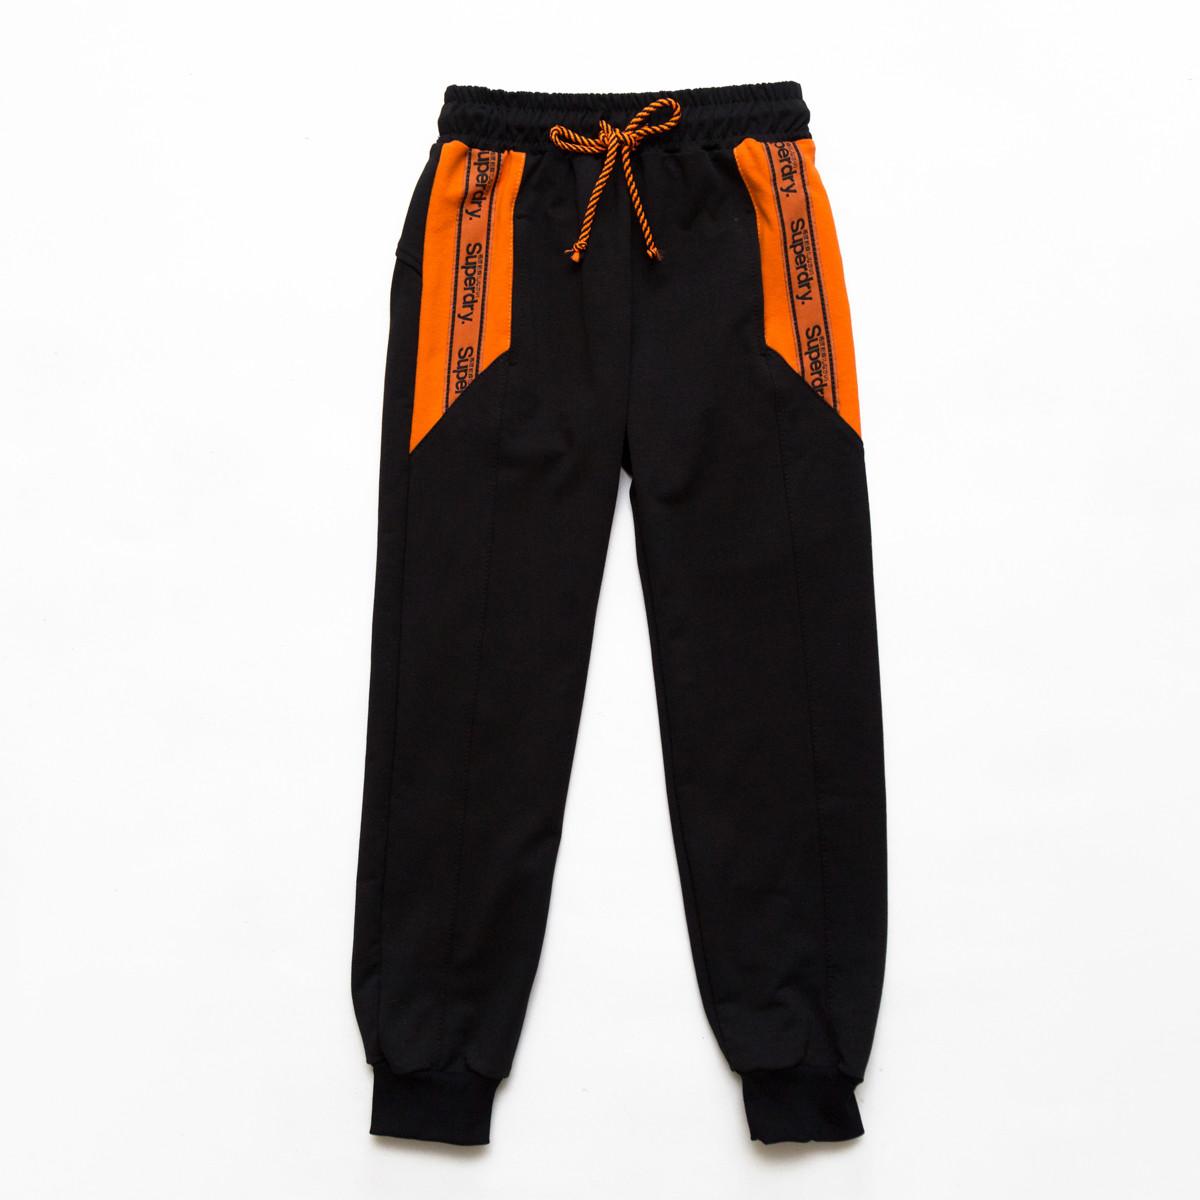 Штаны спортивные для мальчика р.128,134,140,146 SmileTime Super Day, черный с оранжевым